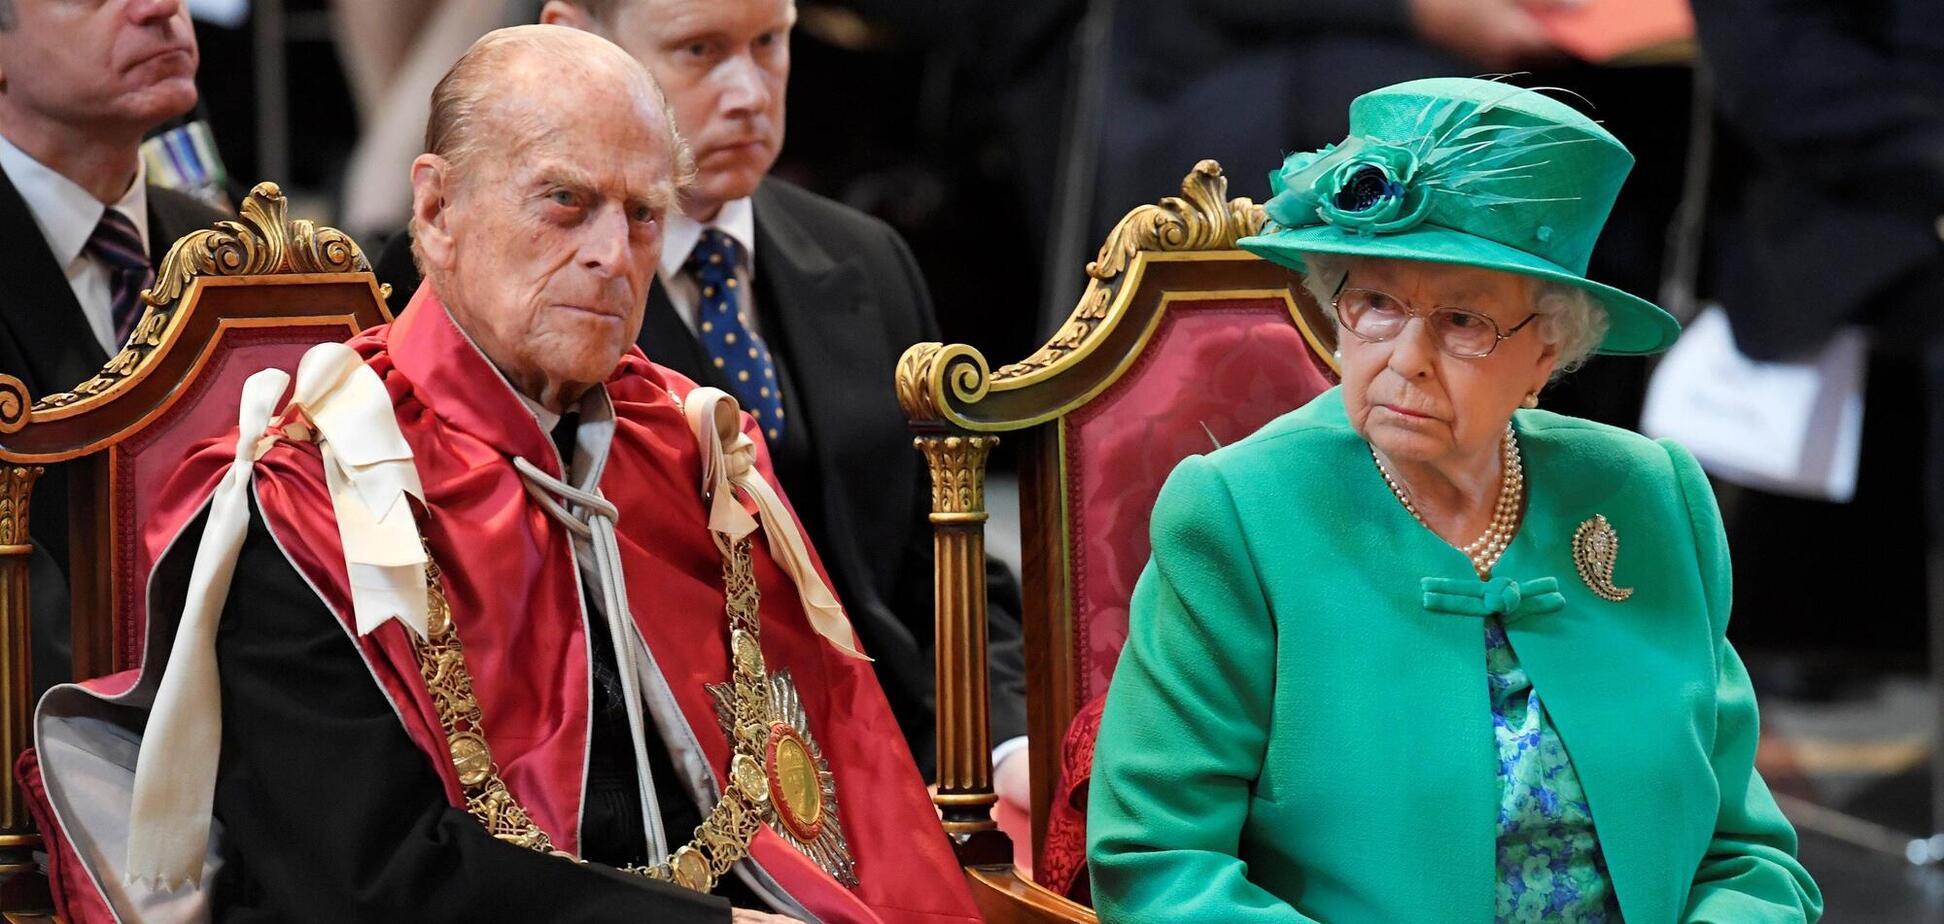 Помер чоловік королеви Єлизавети ll принц Філіп